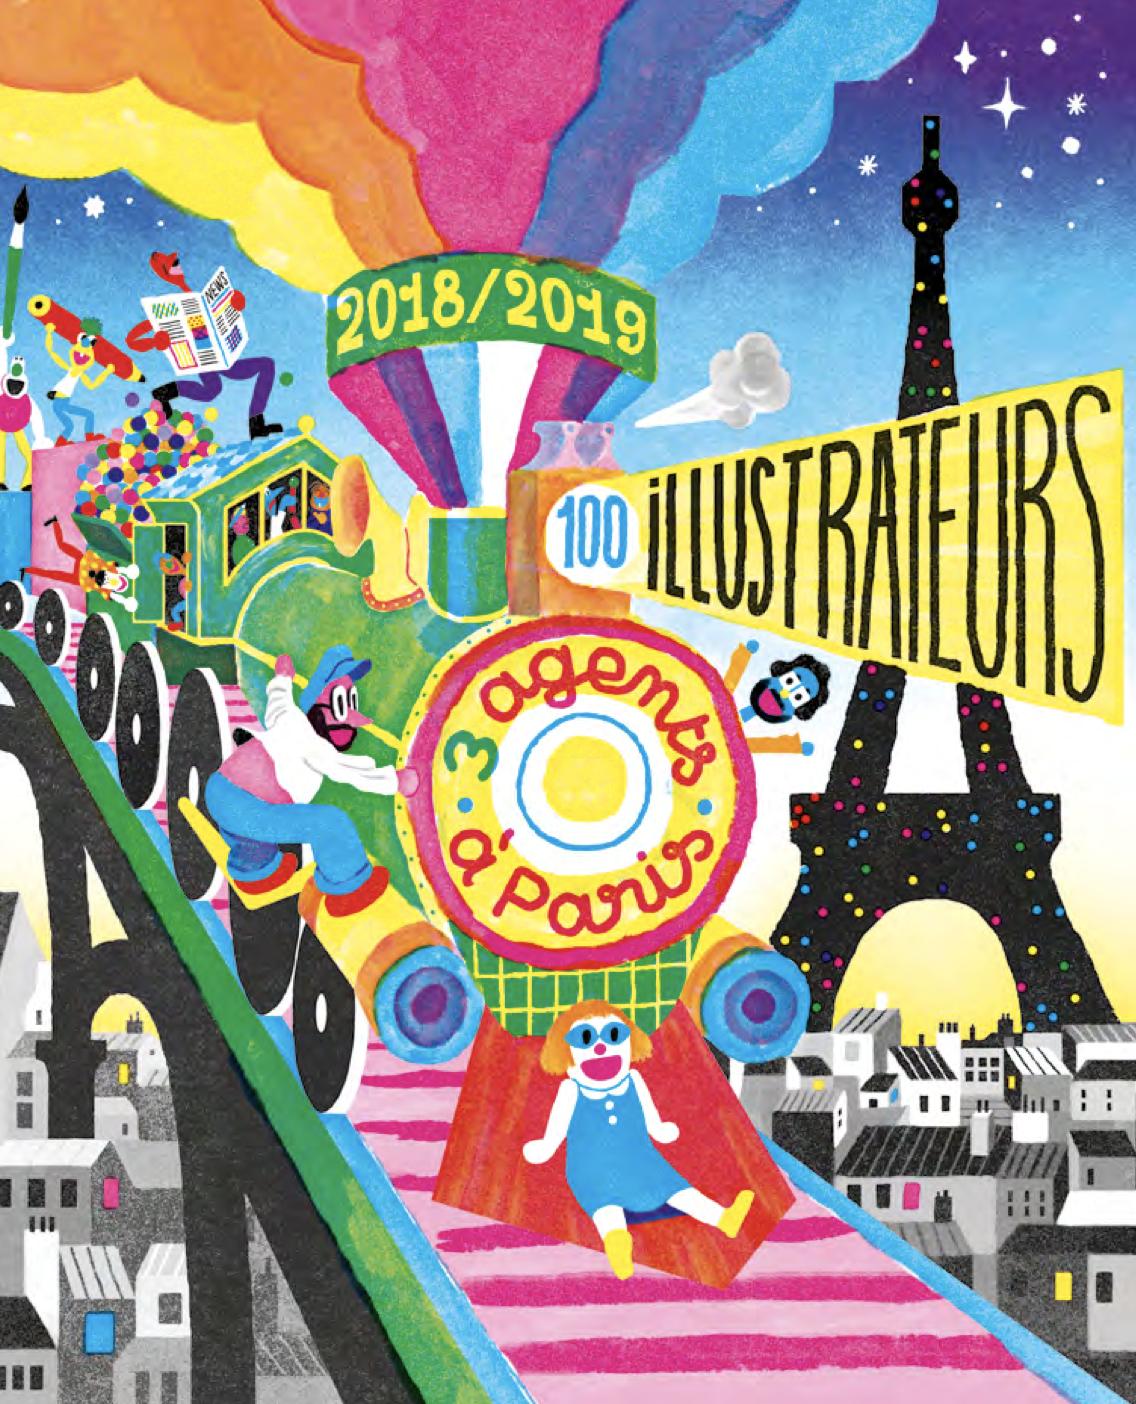 Catalogue | Catalogue 2018-2019 | 3 agents à Paris, 100 illustrateurs